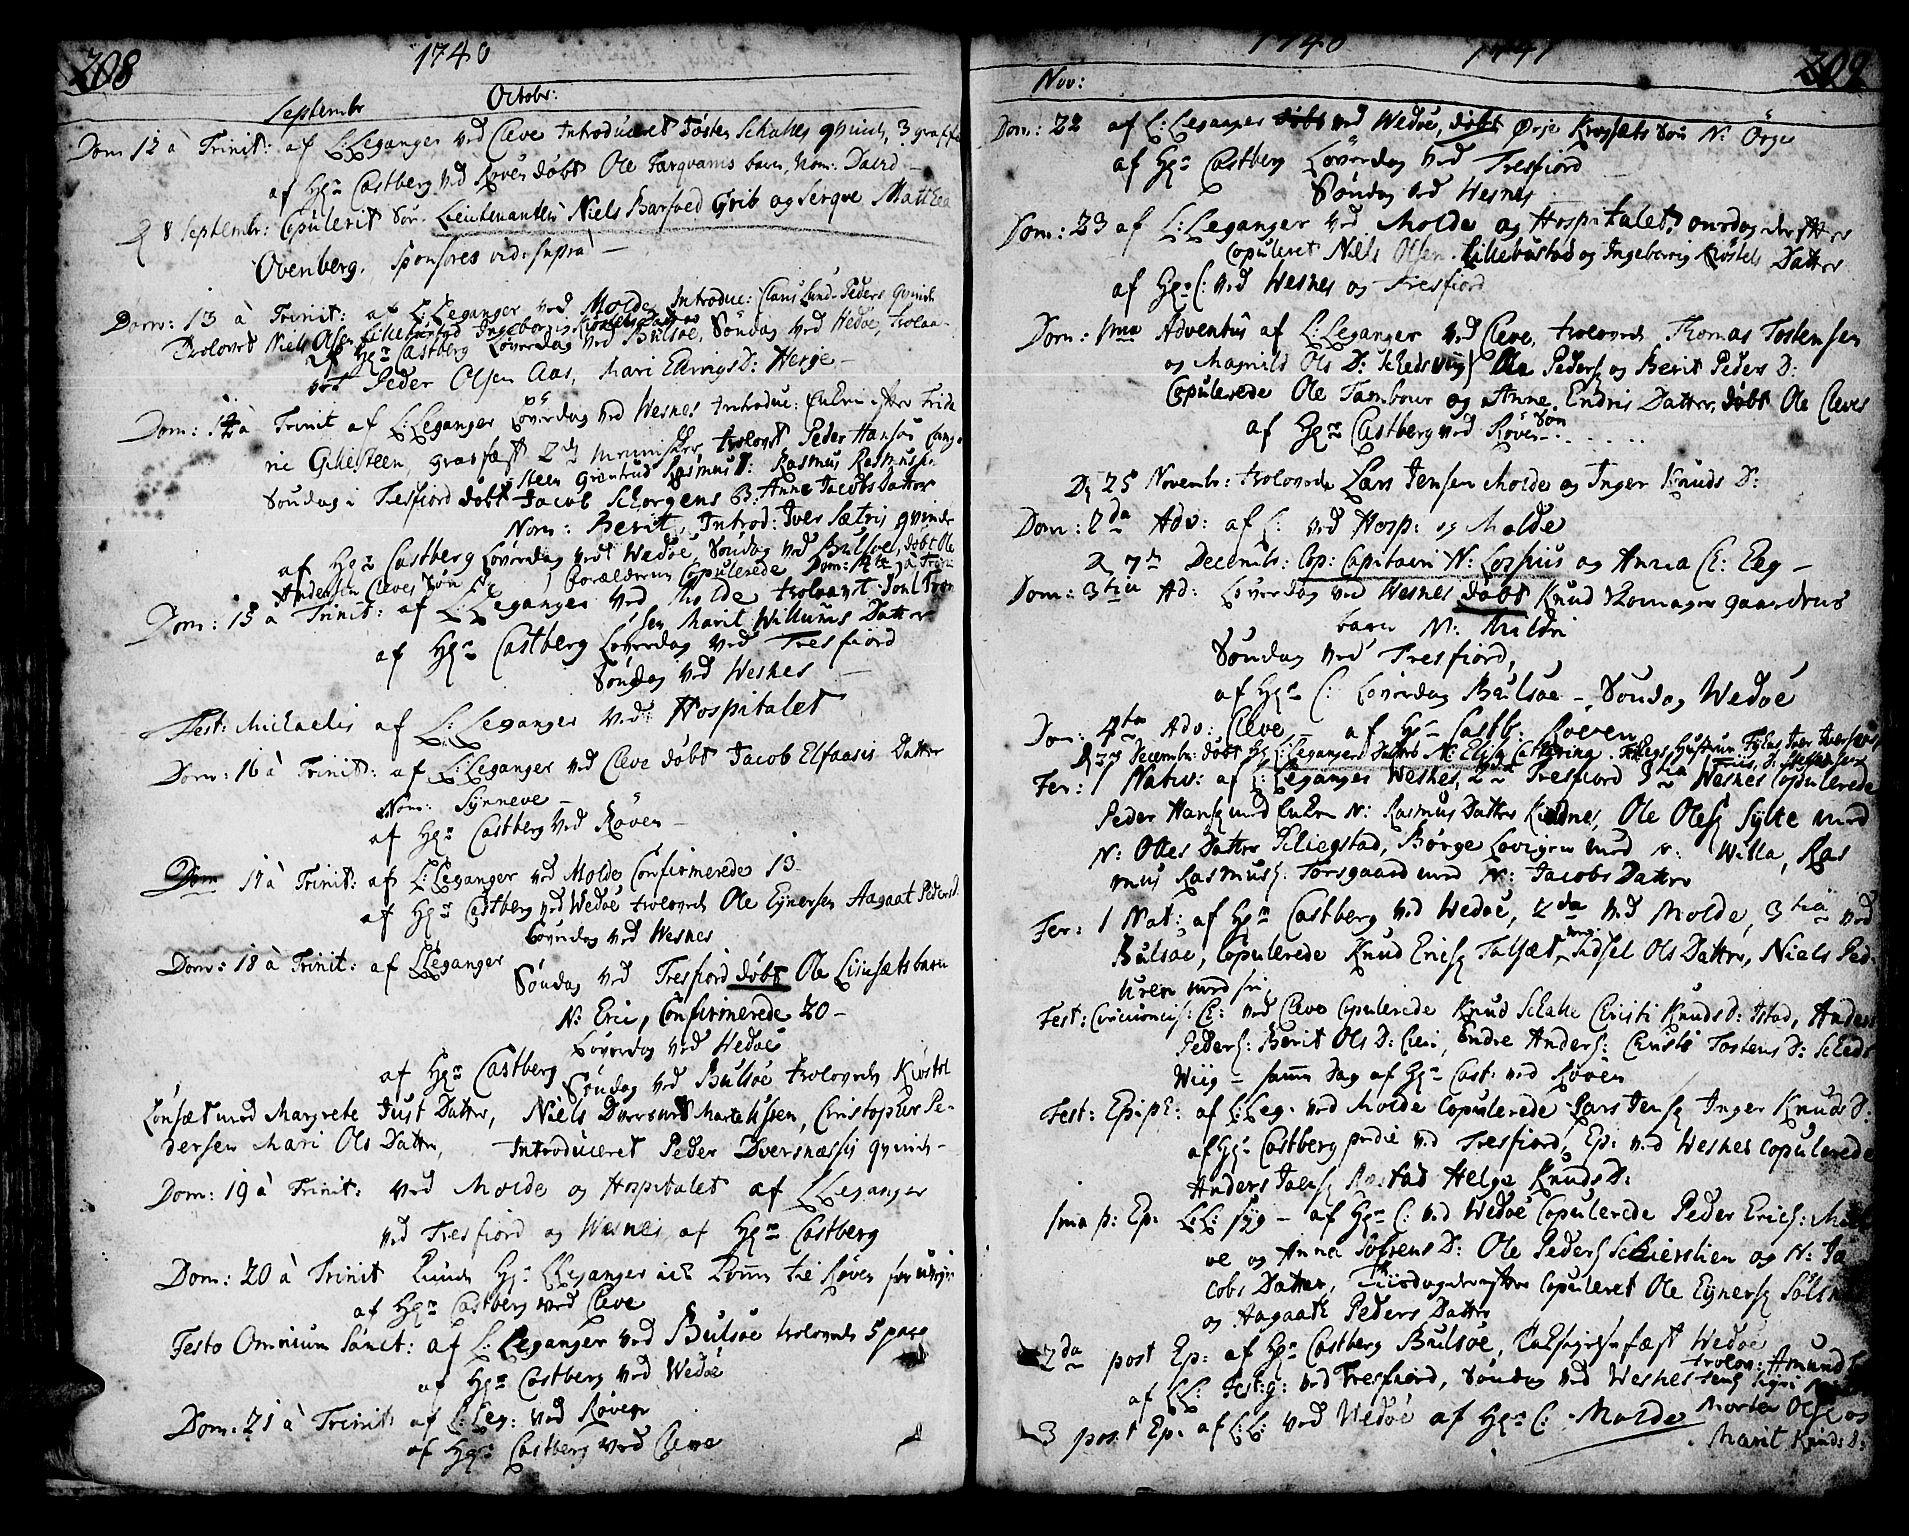 SAT, Ministerialprotokoller, klokkerbøker og fødselsregistre - Møre og Romsdal, 547/L0599: Parish register (official) no. 547A01, 1721-1764, p. 208-209